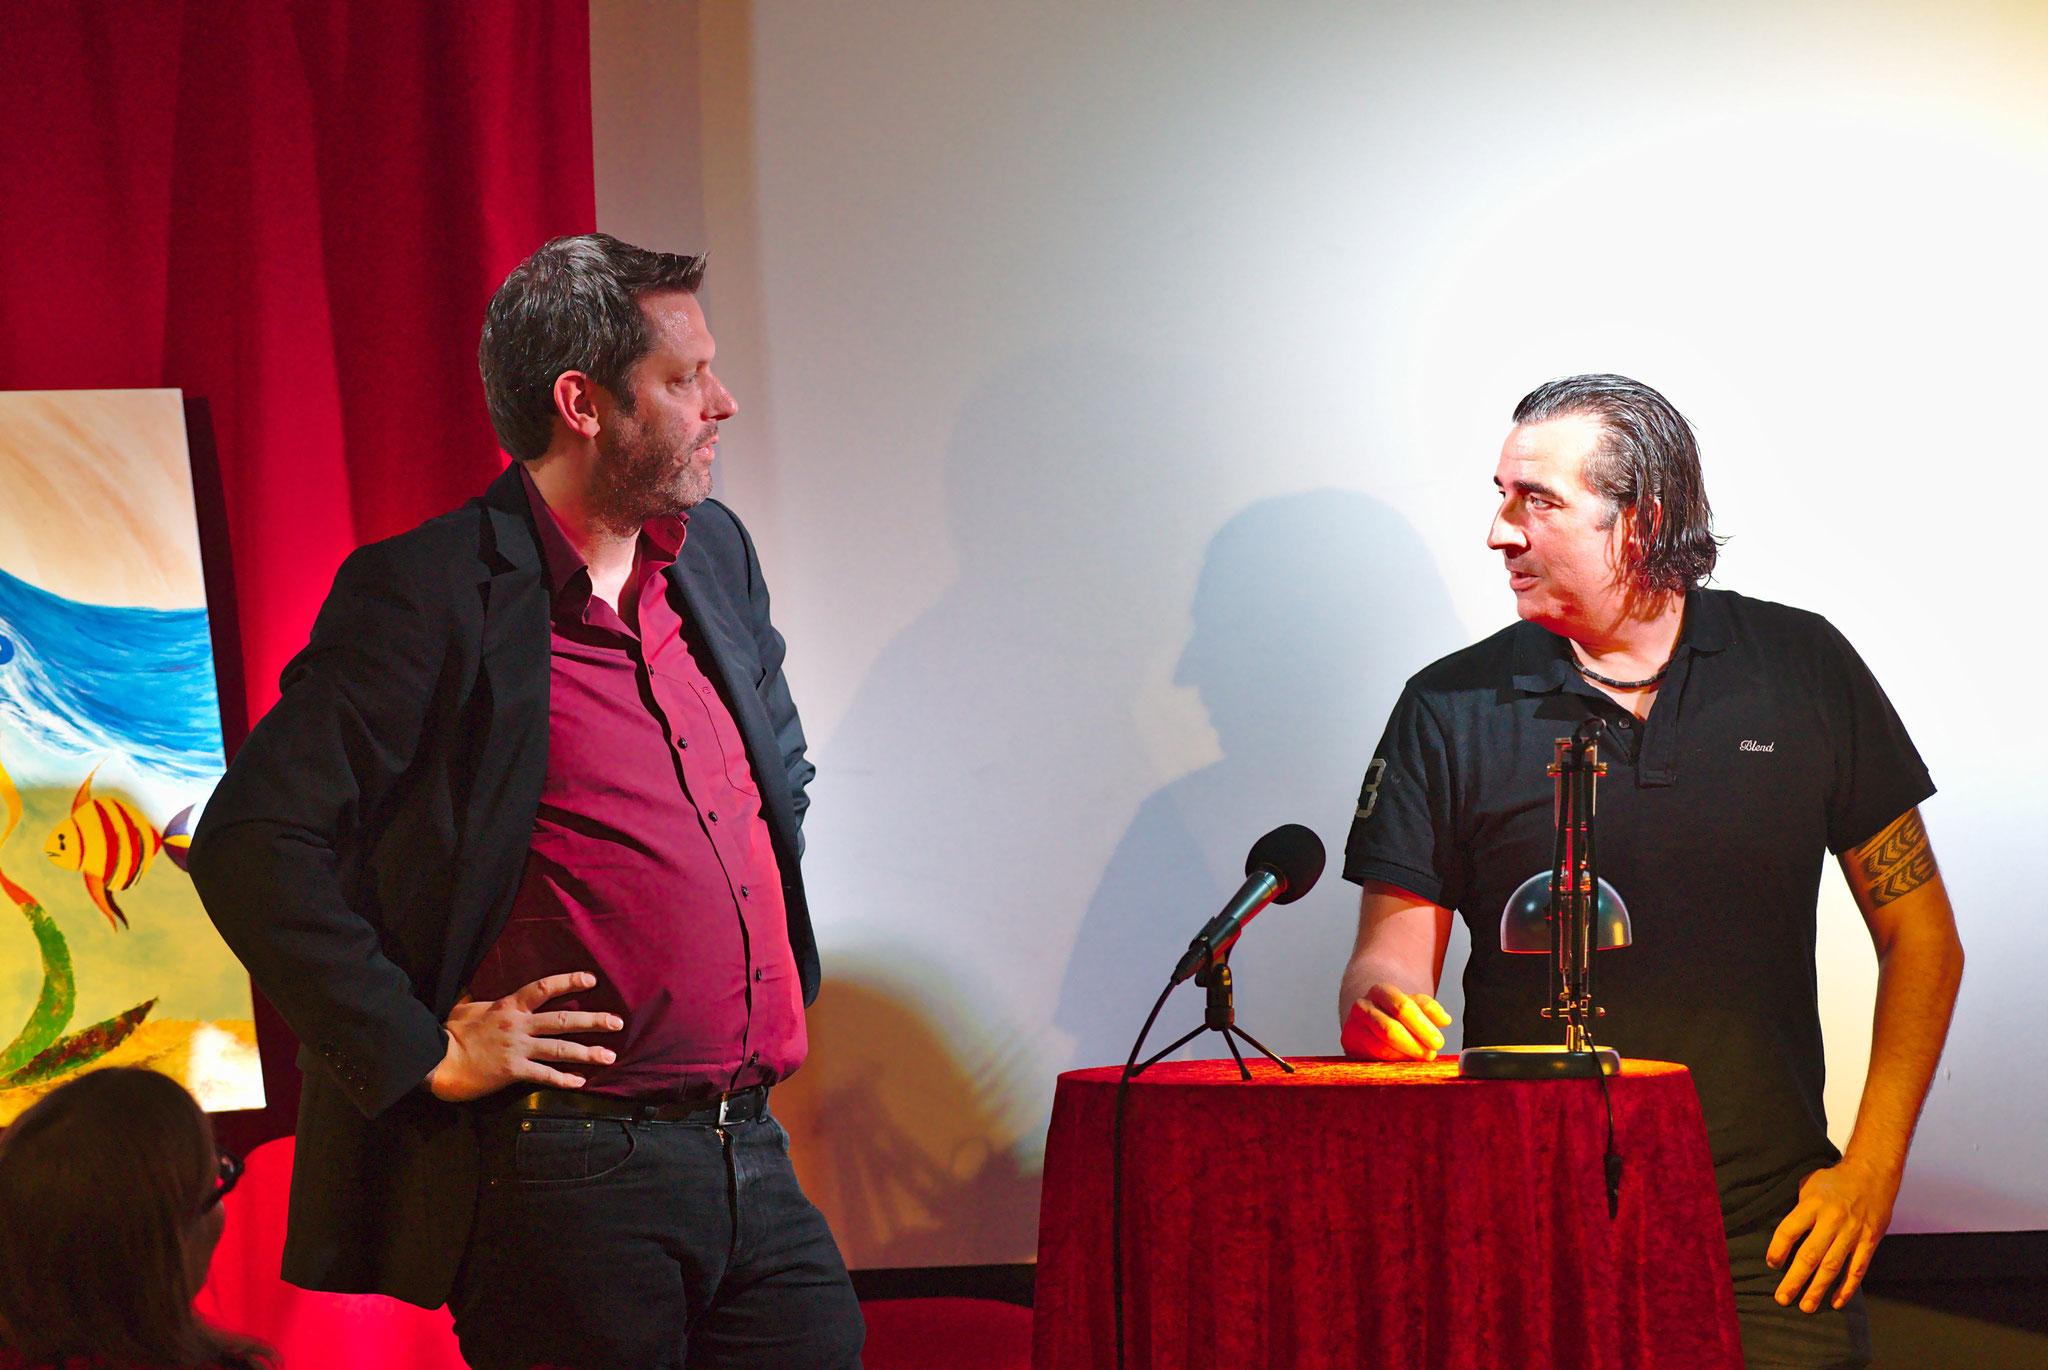 Jan-Eike Hornauer im Bühnengespräch mit Christoph Obermeier